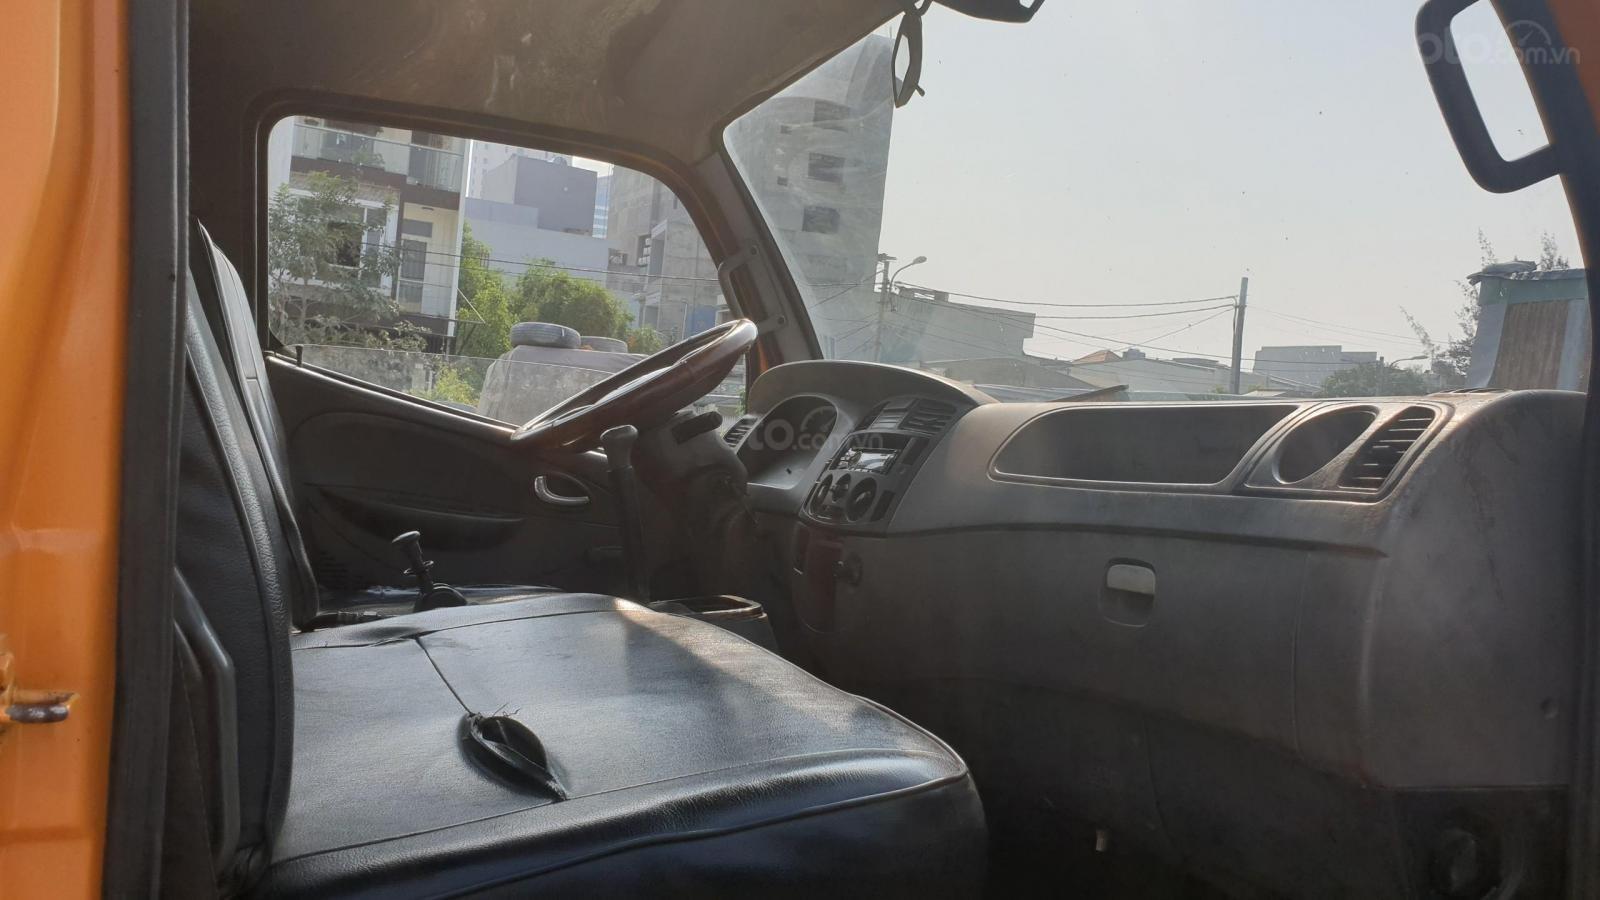 Thanh lý xe cứu hộ giao thông có cẩu 2011, giá 450tr (2)